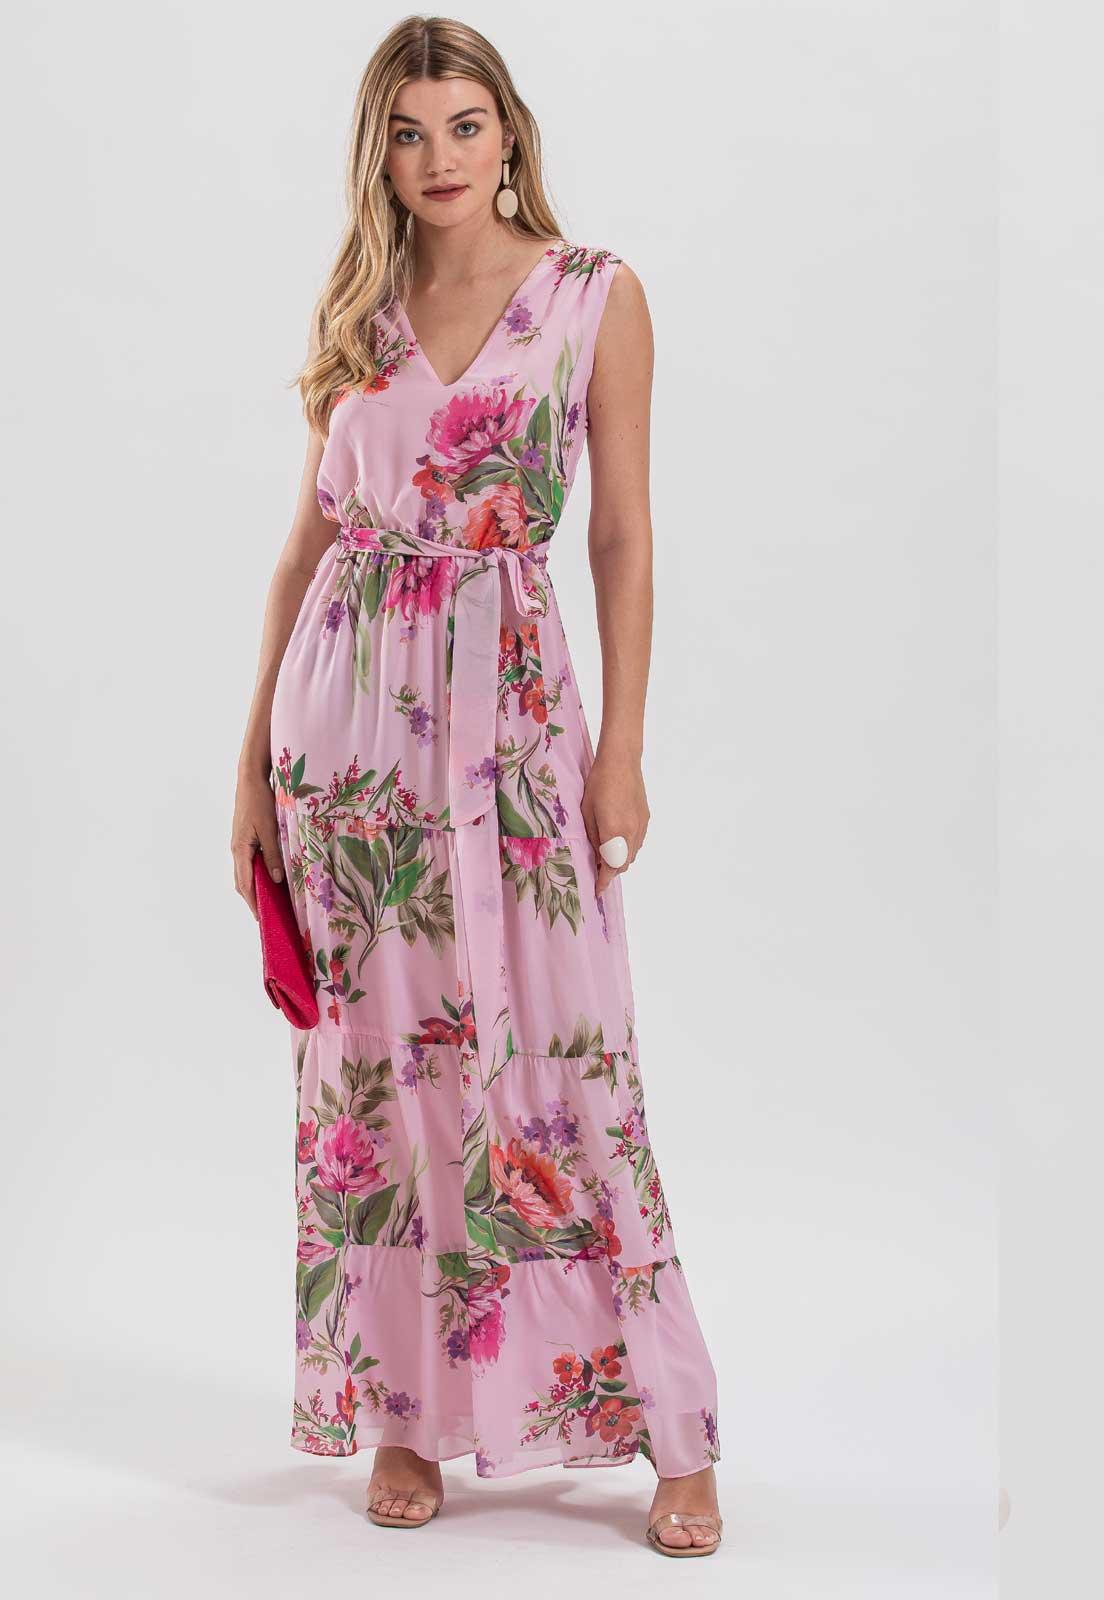 Vestido estampado floral rosa  - Ref. 2648